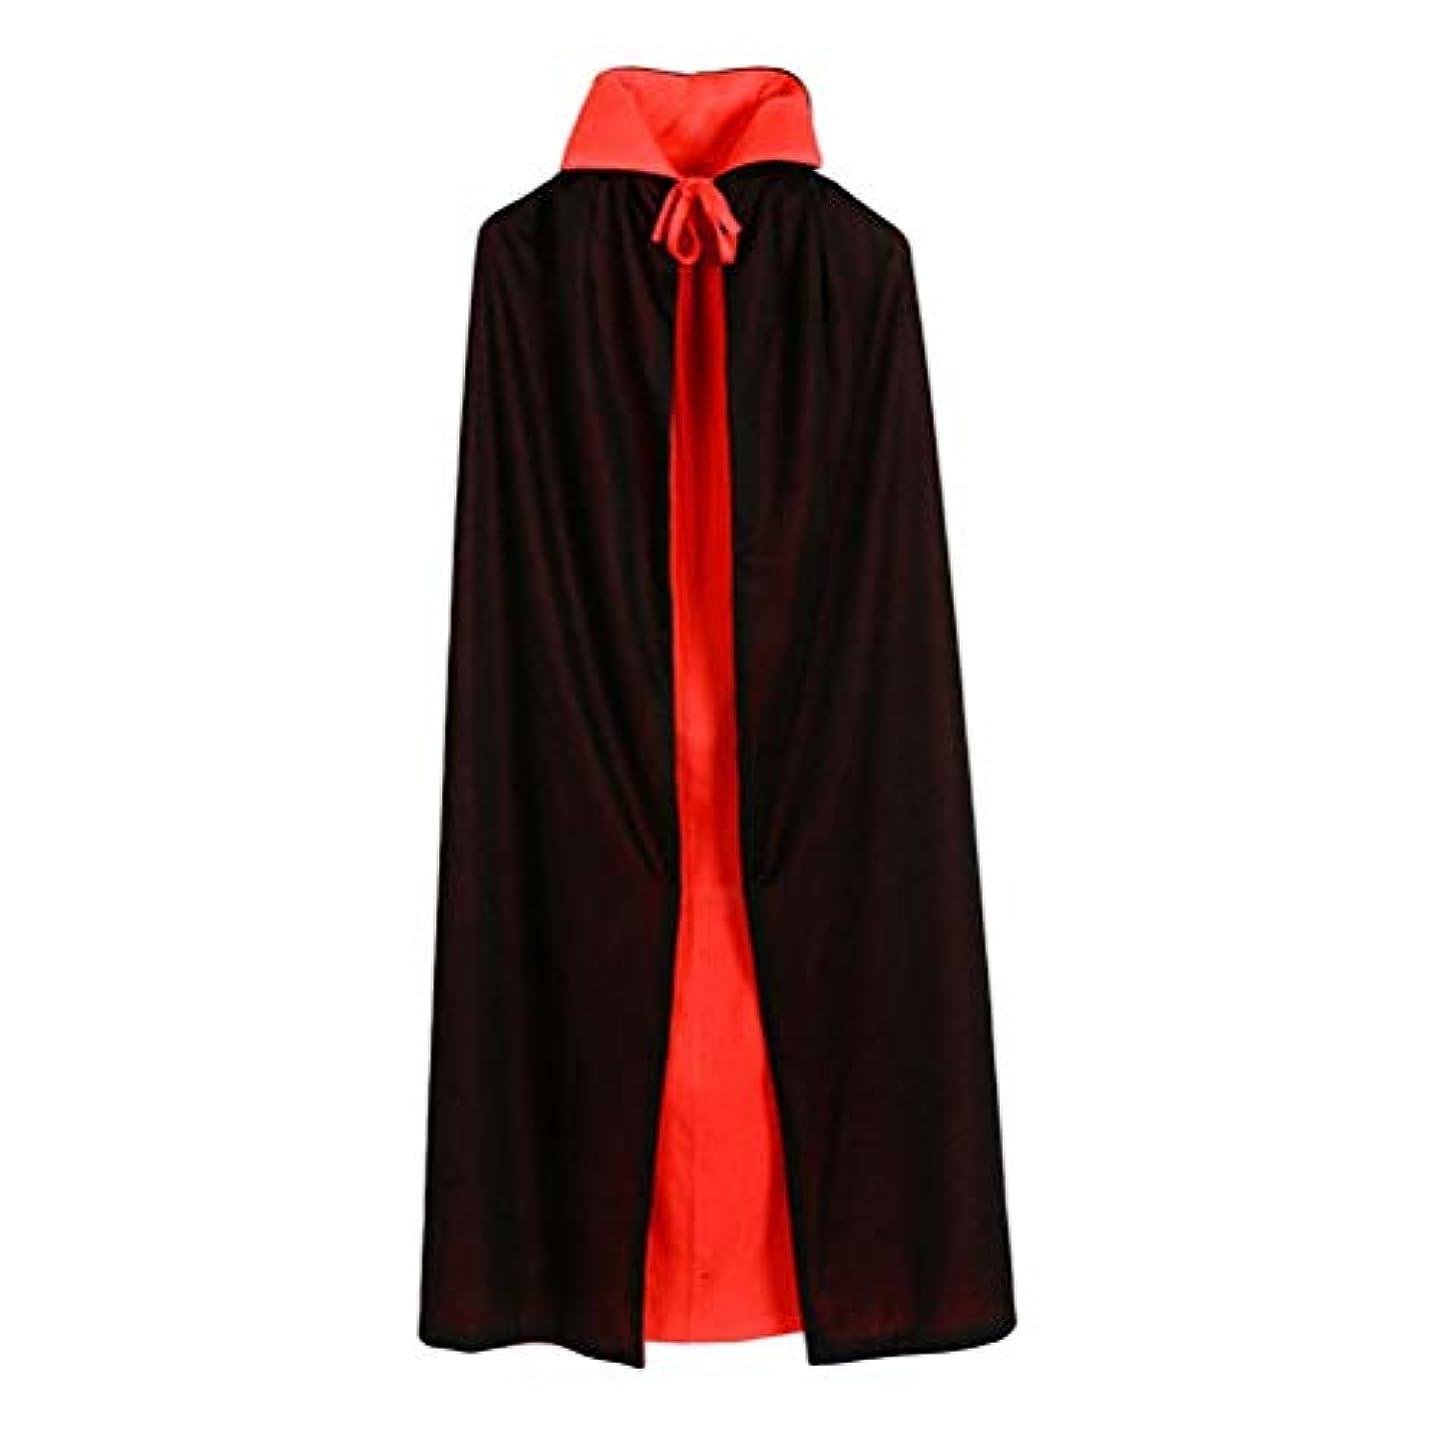 スピーカー裸恋人Toyvian ヴァンパイアマント二重層黒と赤のフード付きマントヴァンパイアコスチュームコスプレケープは男の子と女の子のためにドレスアップ(90cmストレートカラーダブルマント)